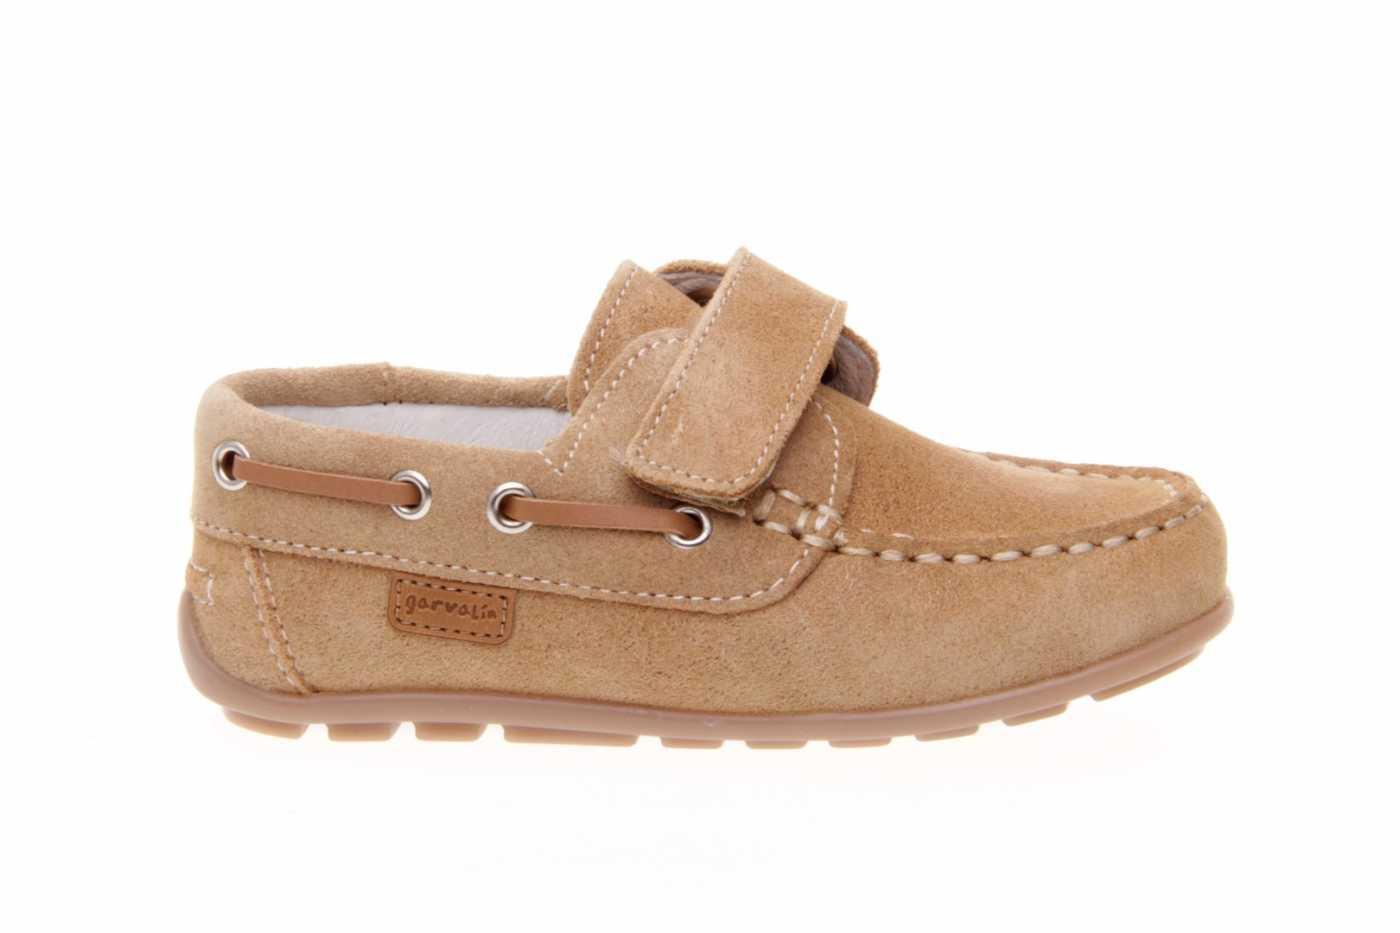 0f6ca989f Comprar zapato tipo JOVEN NIÑO estilo NAUTICO COLOR CAMEL SERRAJE ...